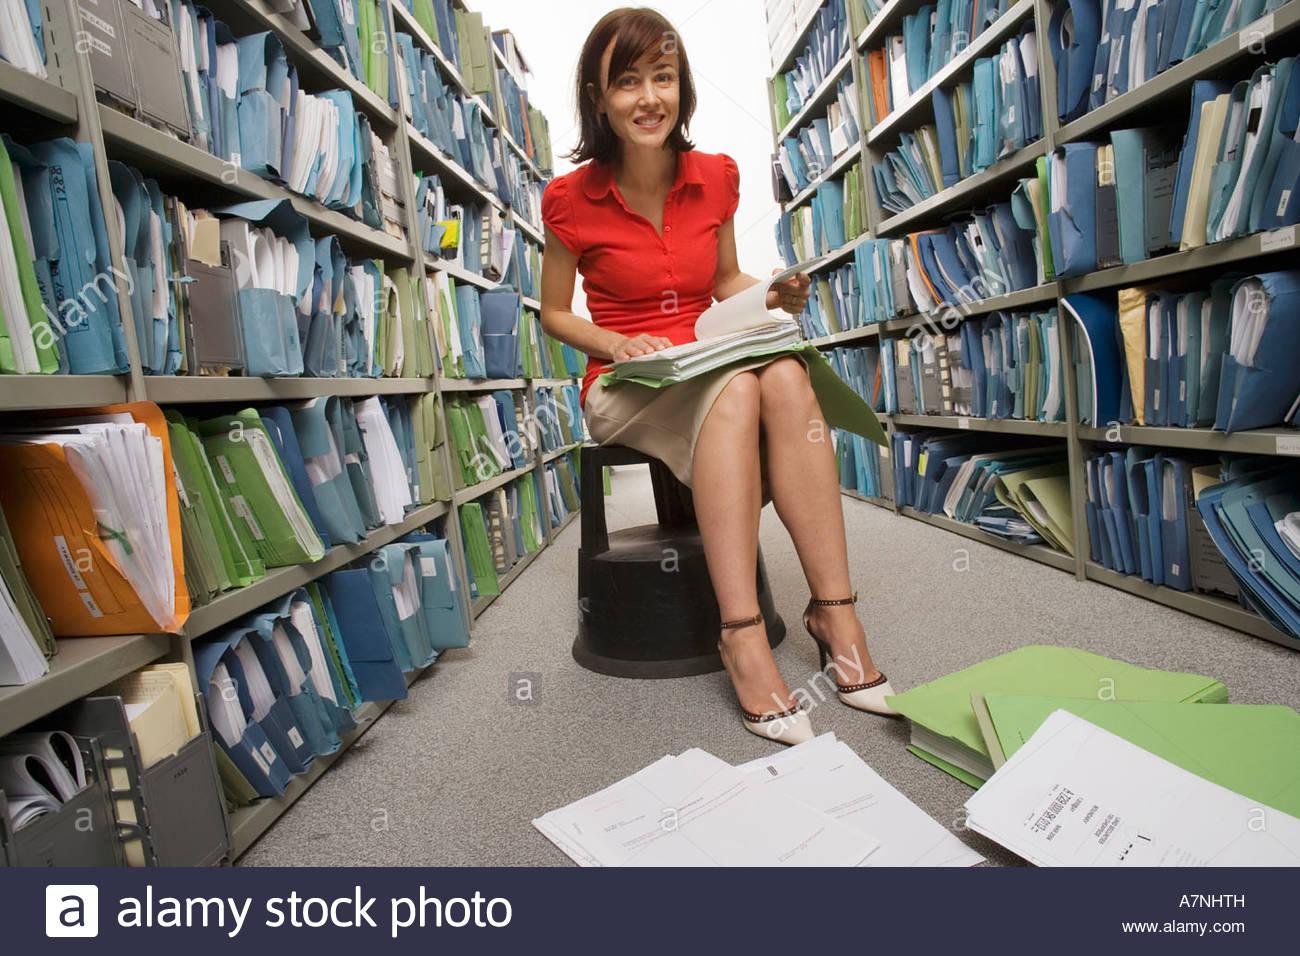 Donna che indossa gonna tacchi alti e parte superiore rossa seduta